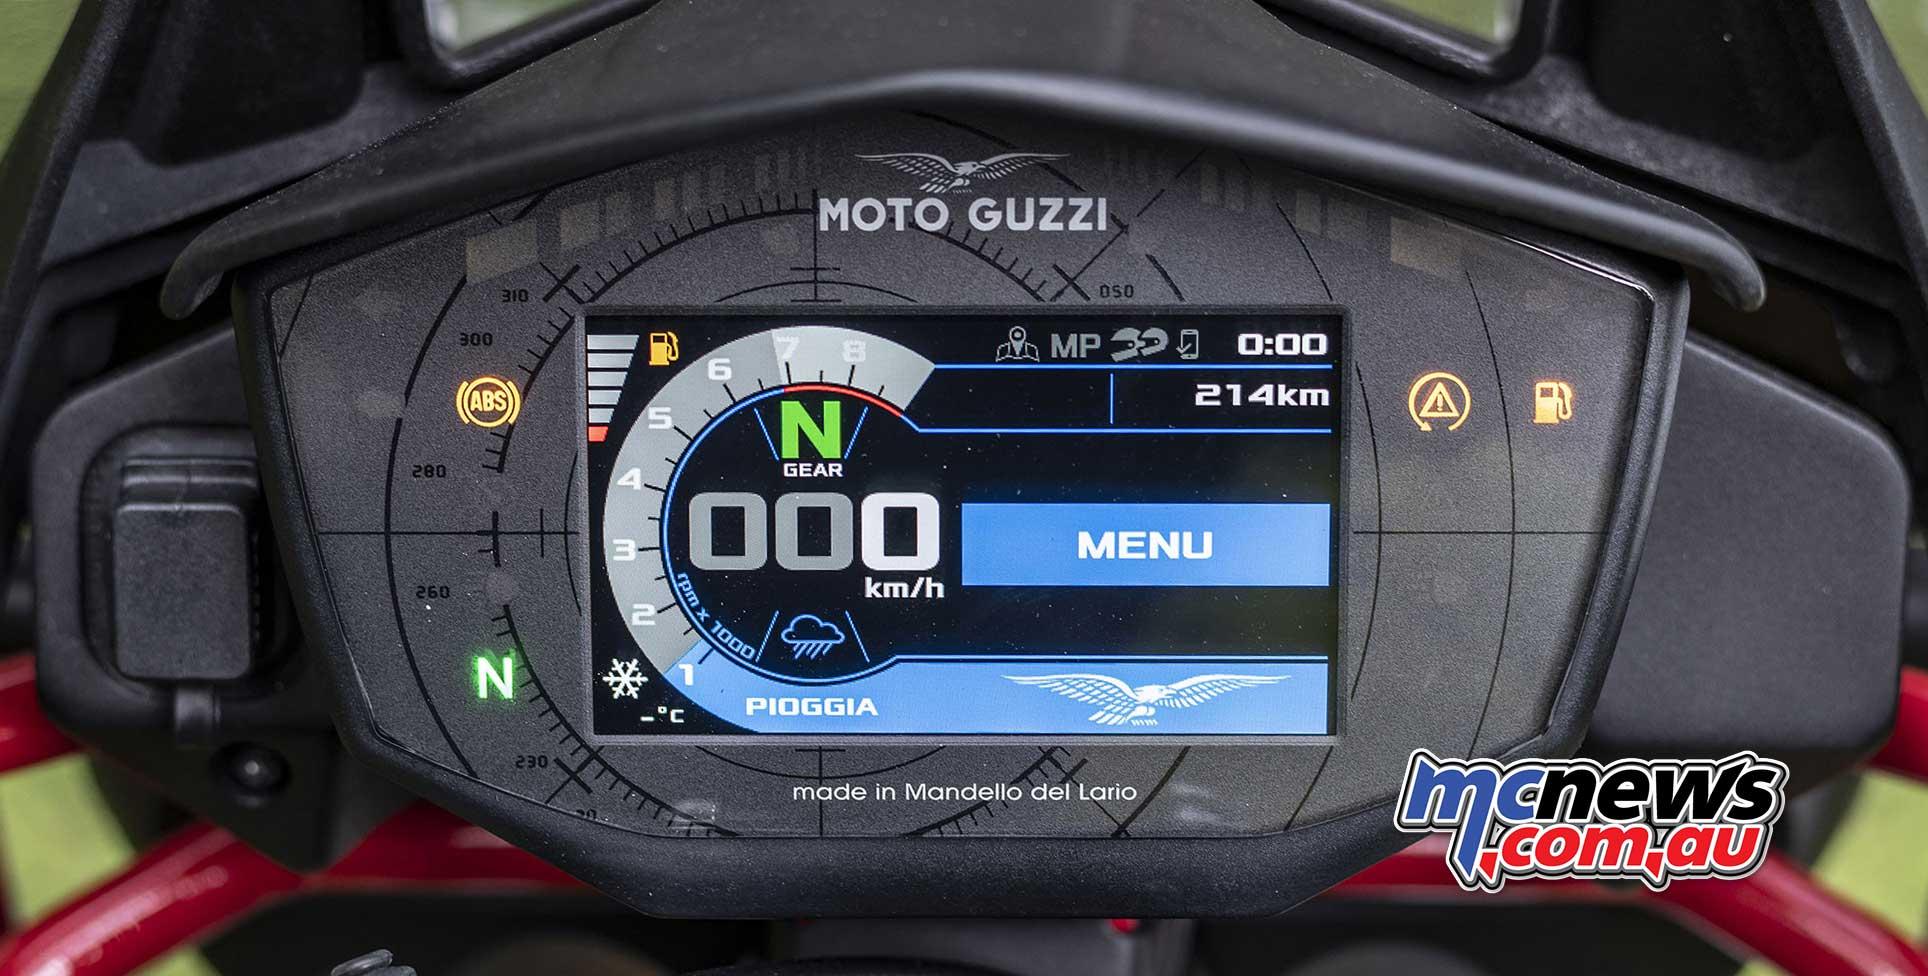 Moto Guzzi V TT Dash